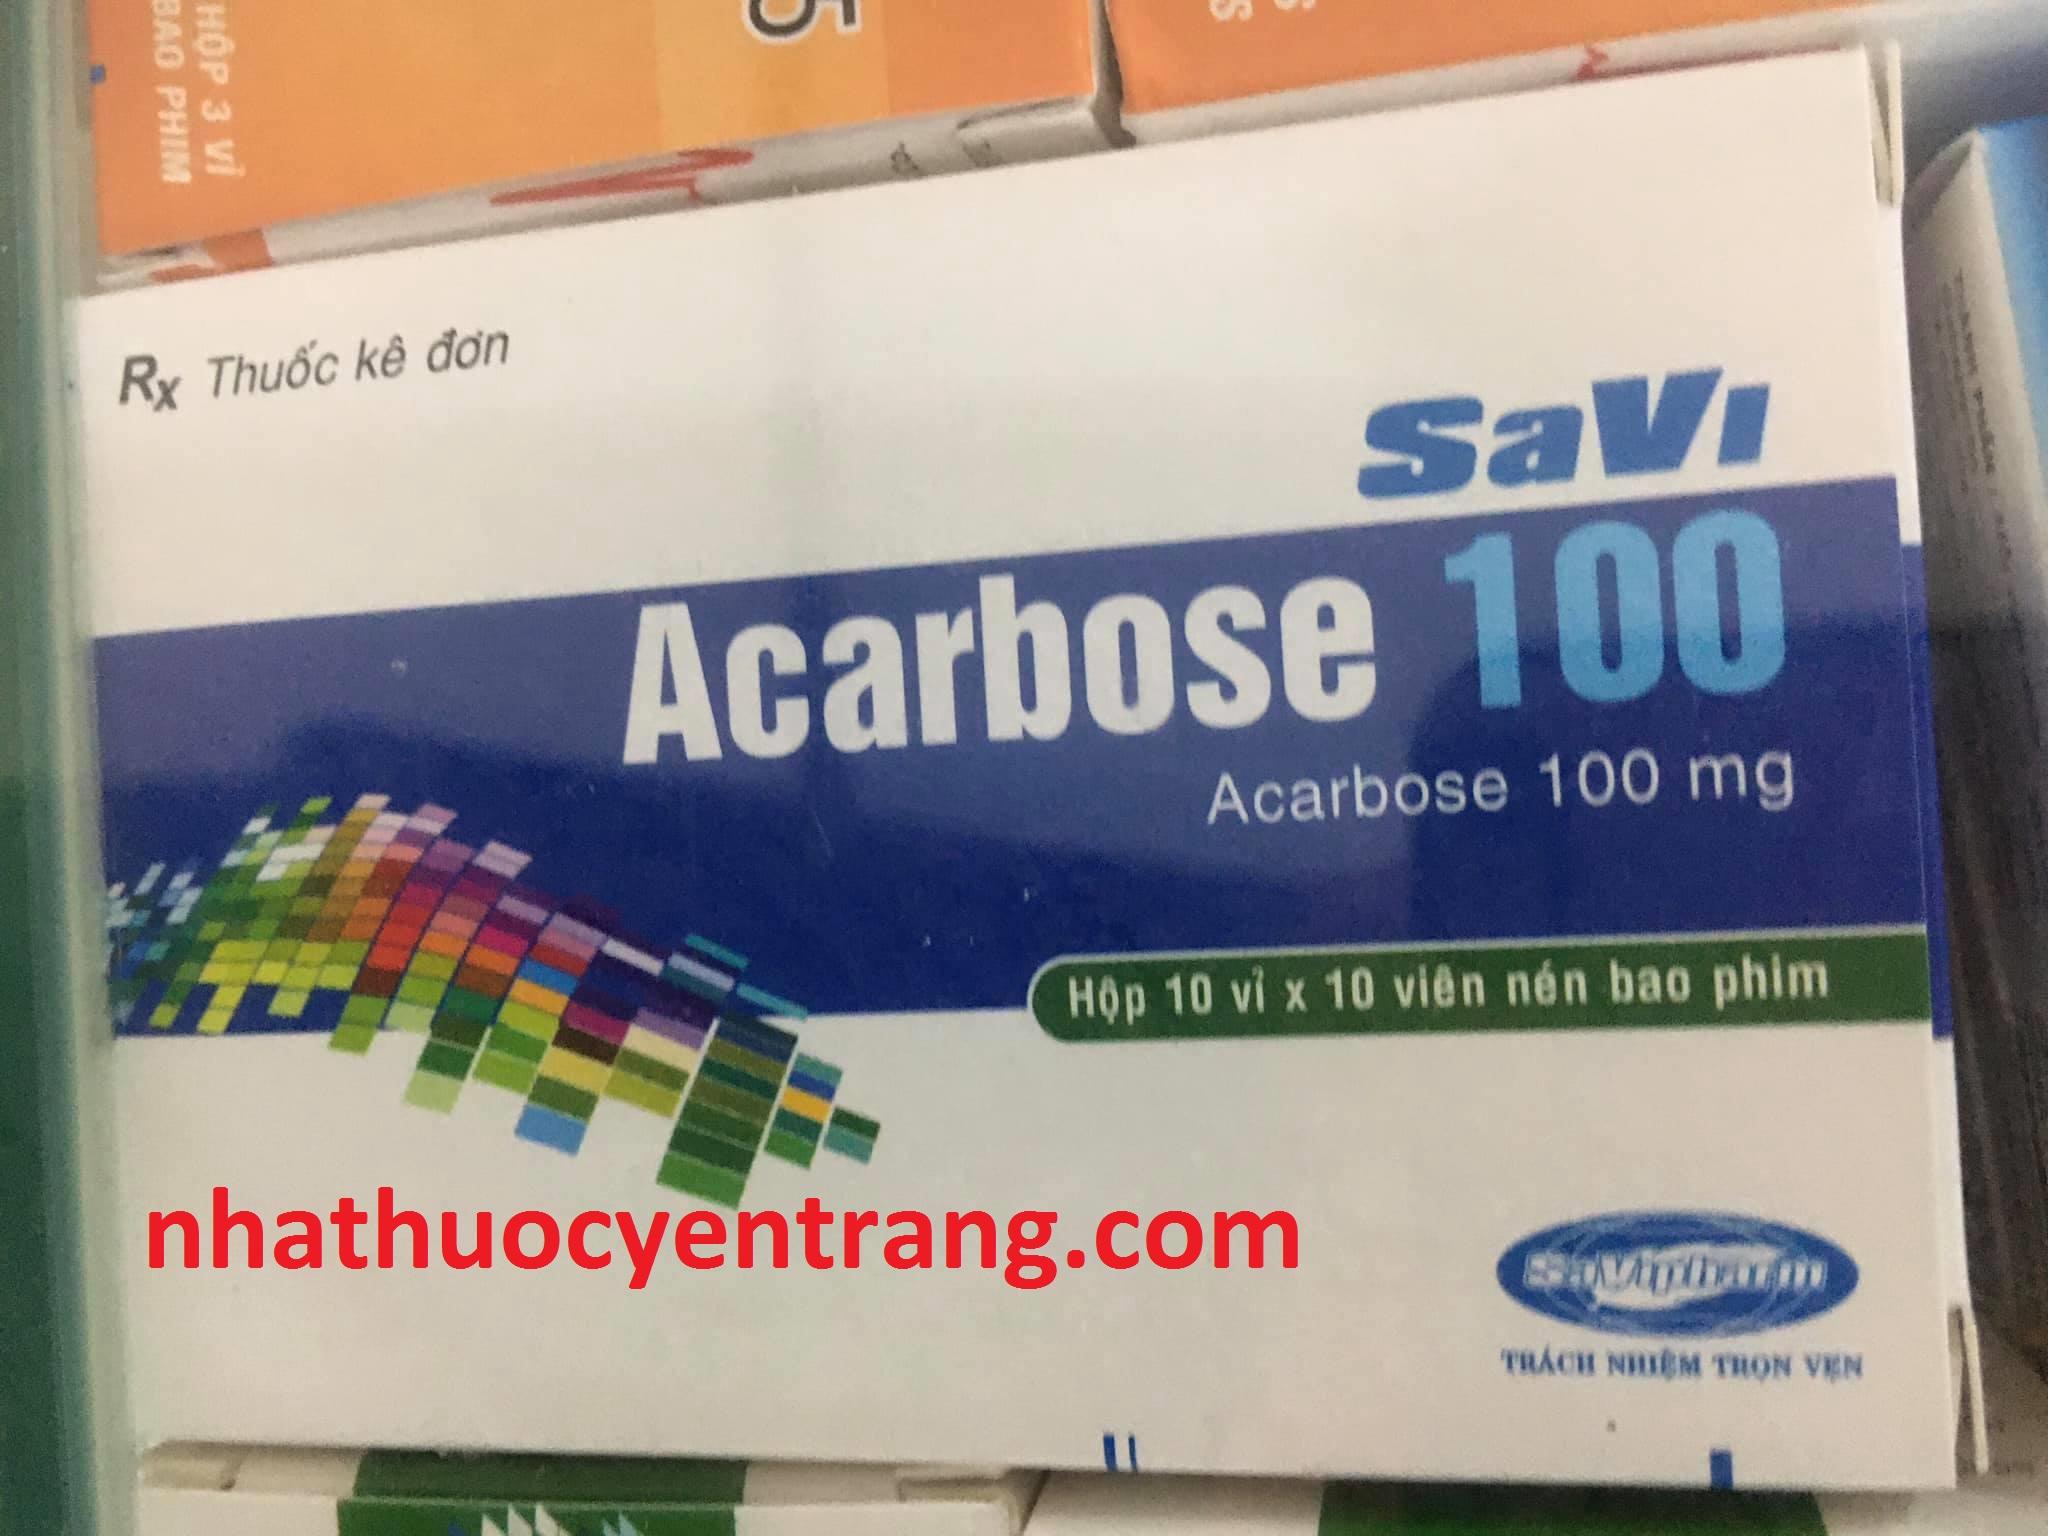 Acarbose 100mg Savi